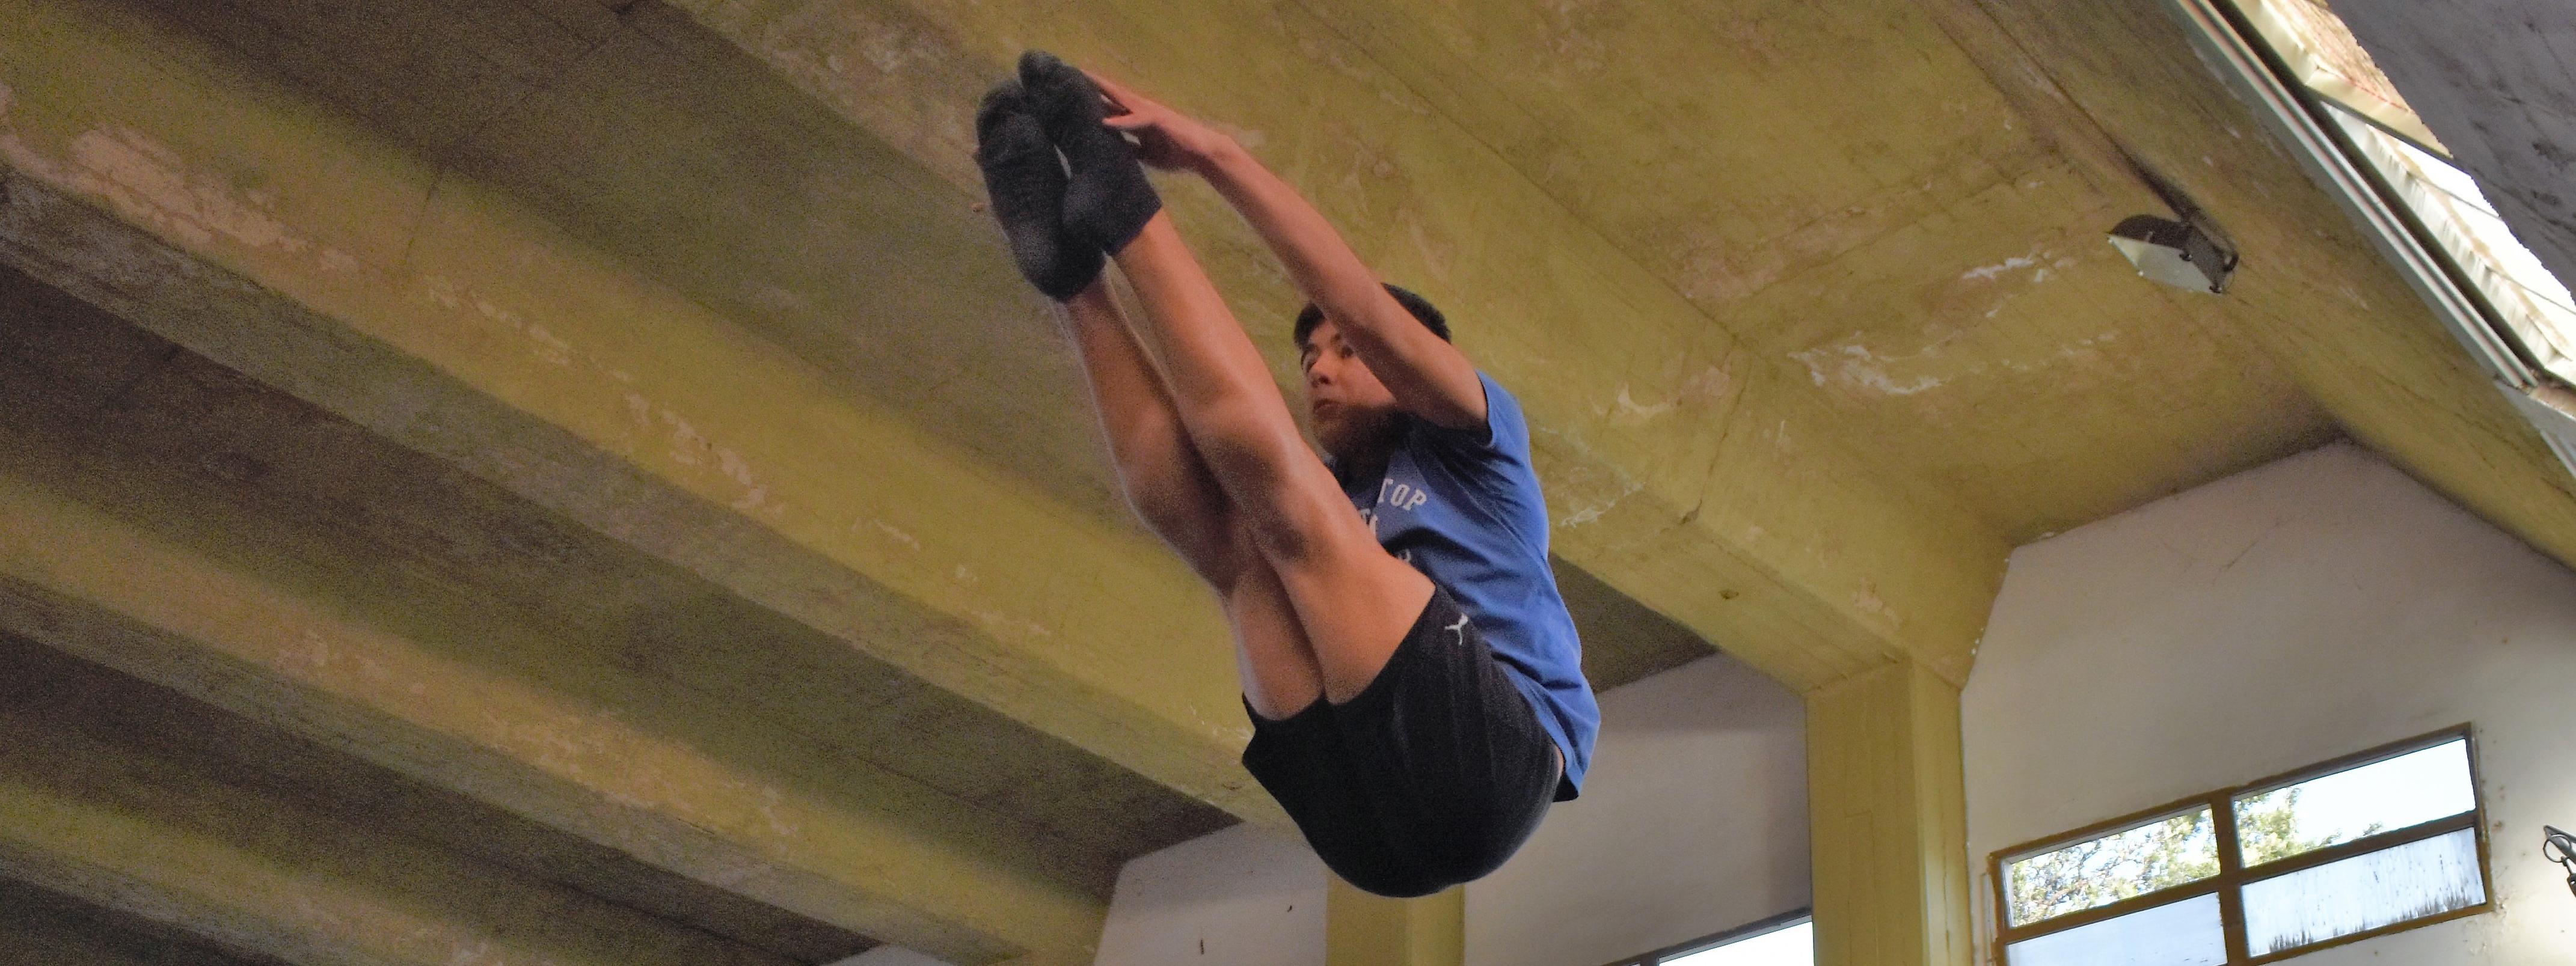 """SALTOS ORNAMENTALES:  """"Cuando salto bien siento mucha alegría, pero siempre te puede salir mejor"""